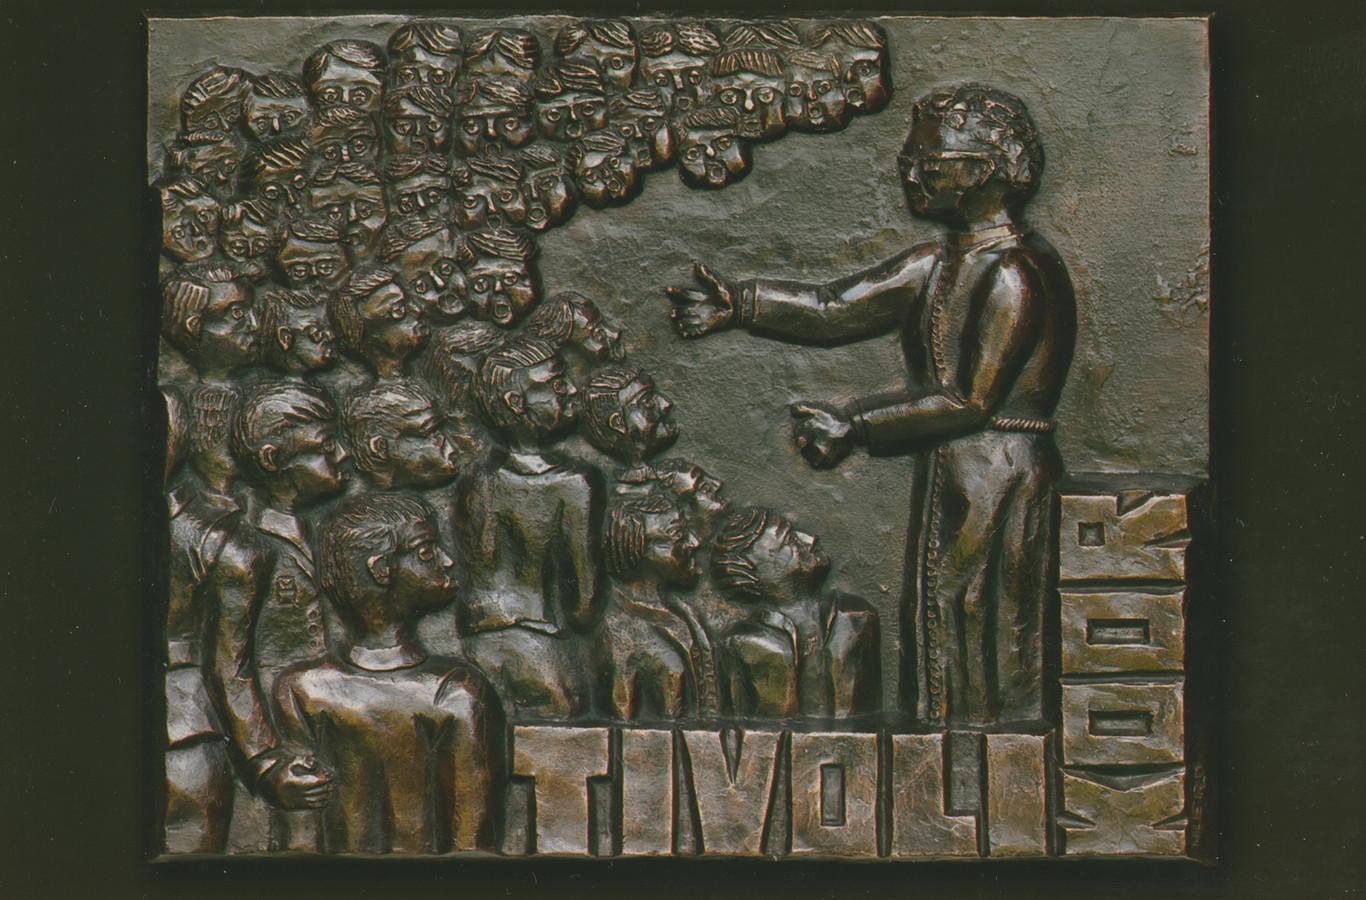 Het bronzen relief van het Tivolikoor krijgt een plaatsje in het bouwplan voor de hoek Heezerweg-Rector Baptistlaan in Eindhoven. De herinnering aan het koor is gemaakt door Hans van Eerd en betaald door de Vrienden van het Tivolikoor.